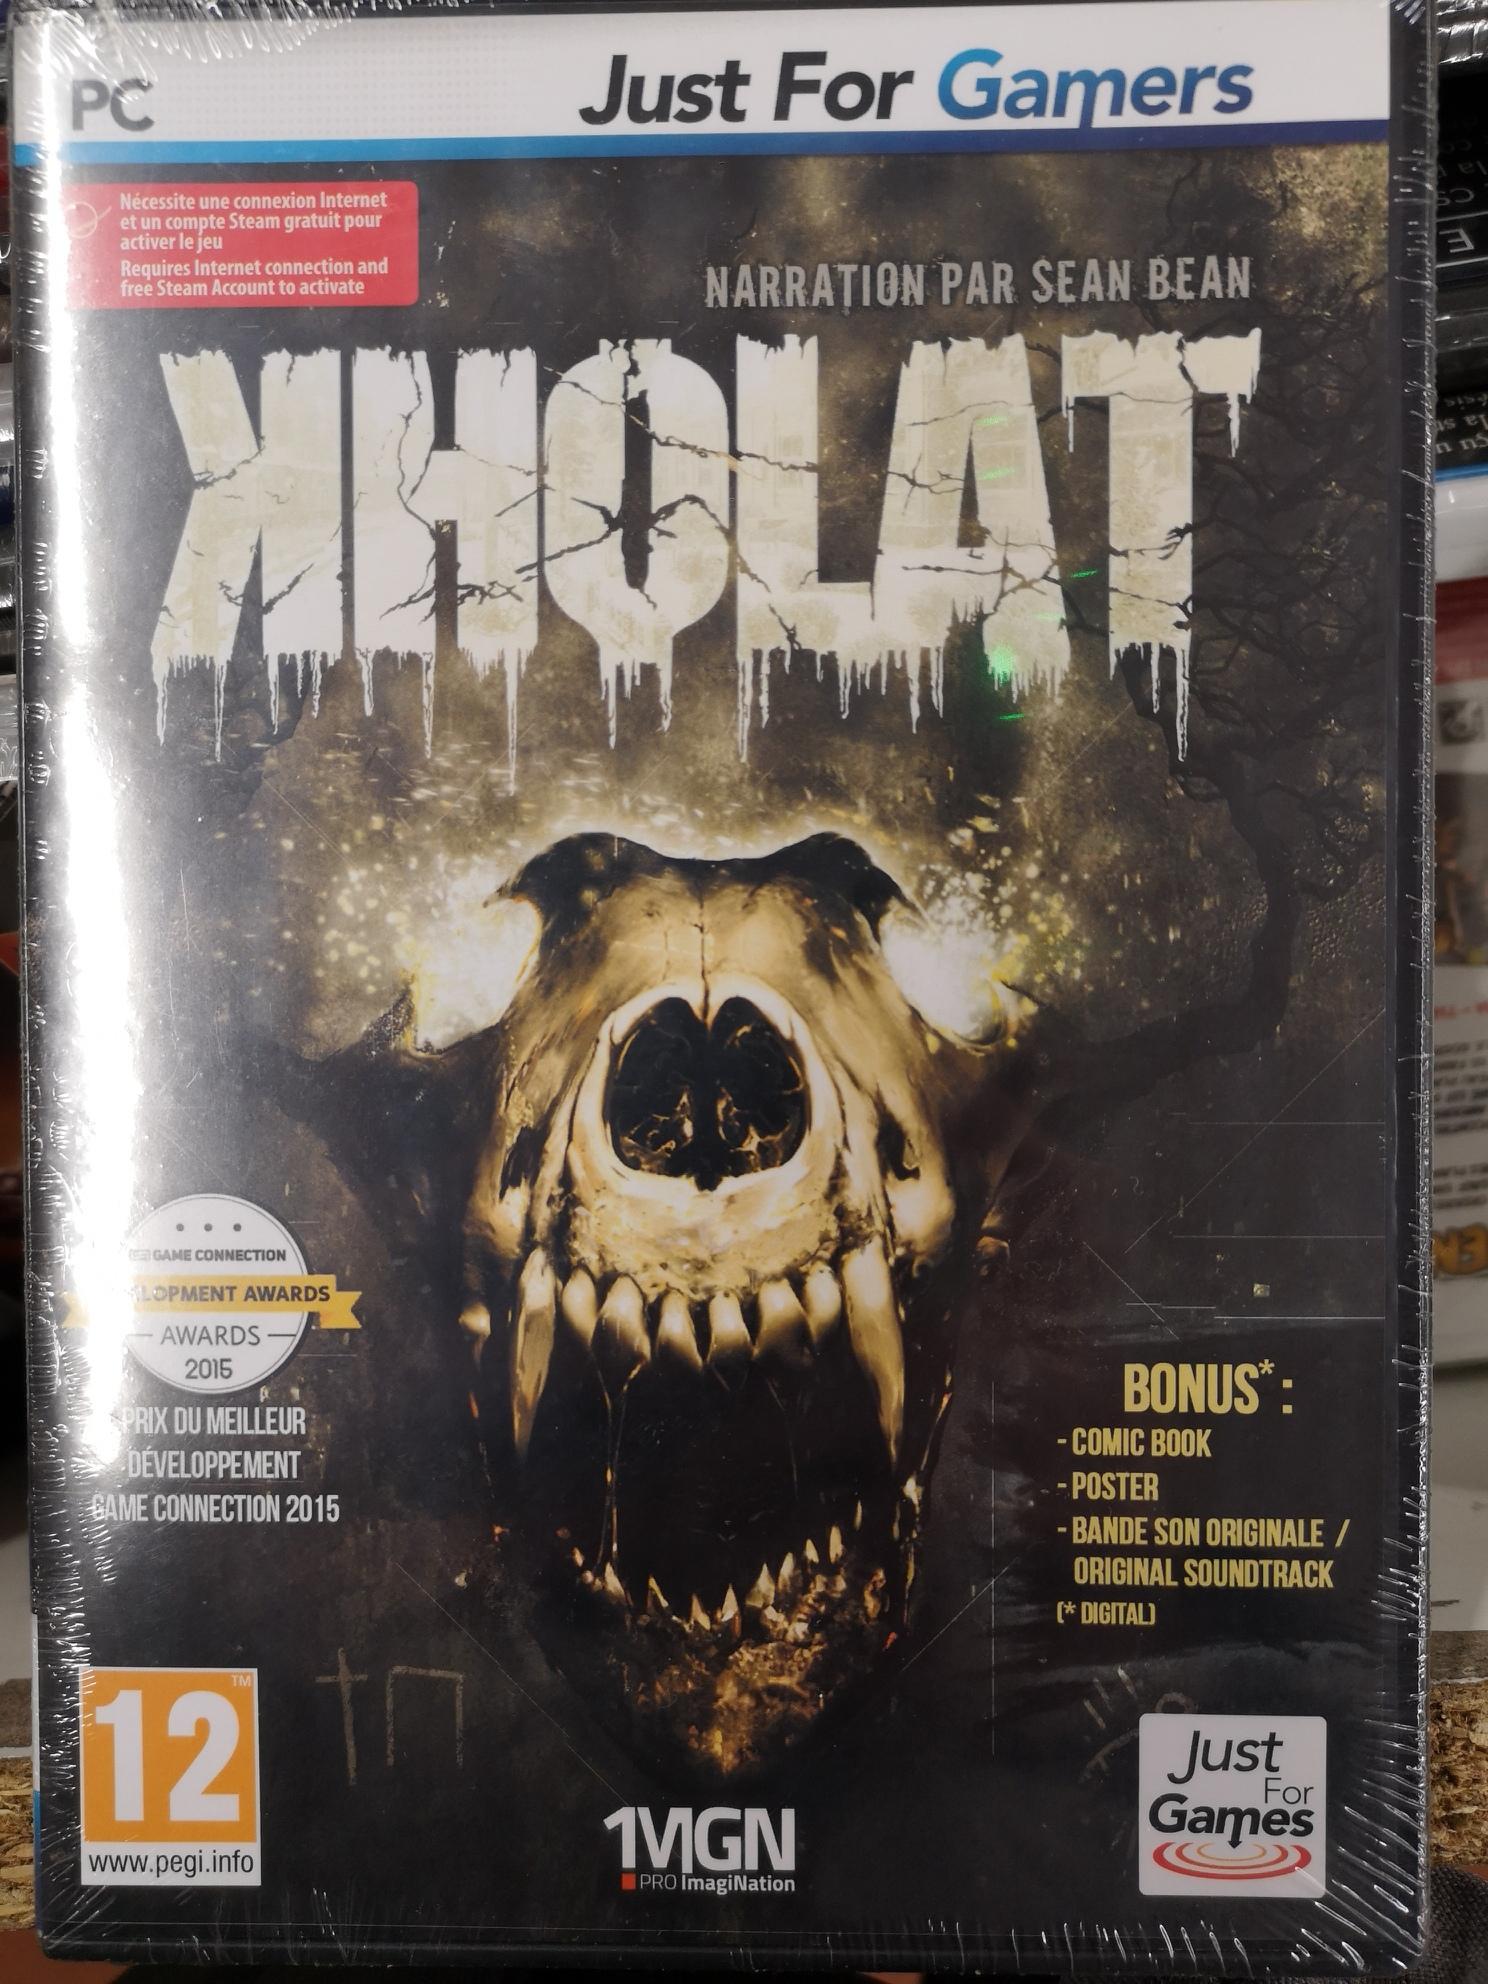 Sélection de jeux vidéos en promotion sur PC - Ex: Kholat sur PC - Creuzier le Vieux (03)